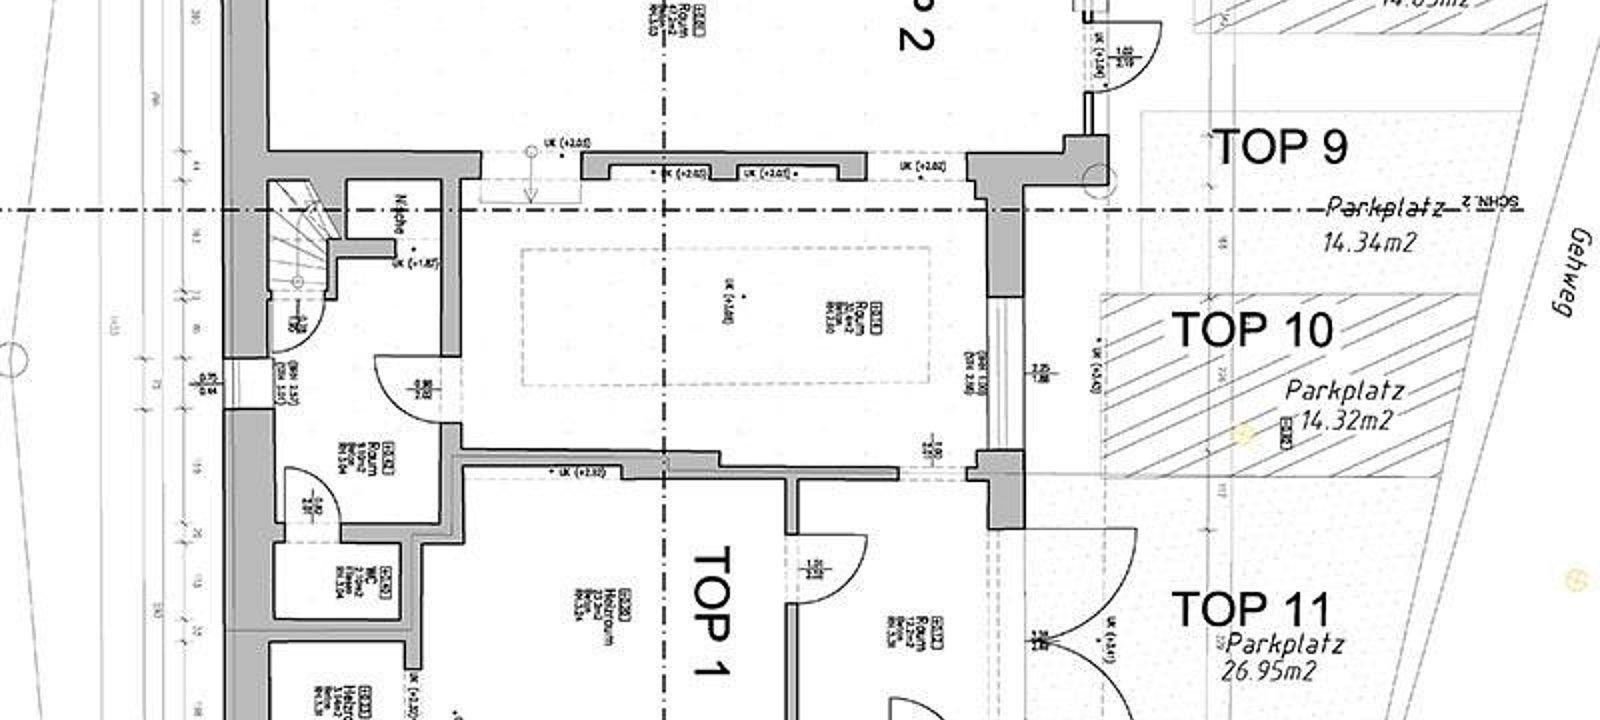 auf rund 91 m²